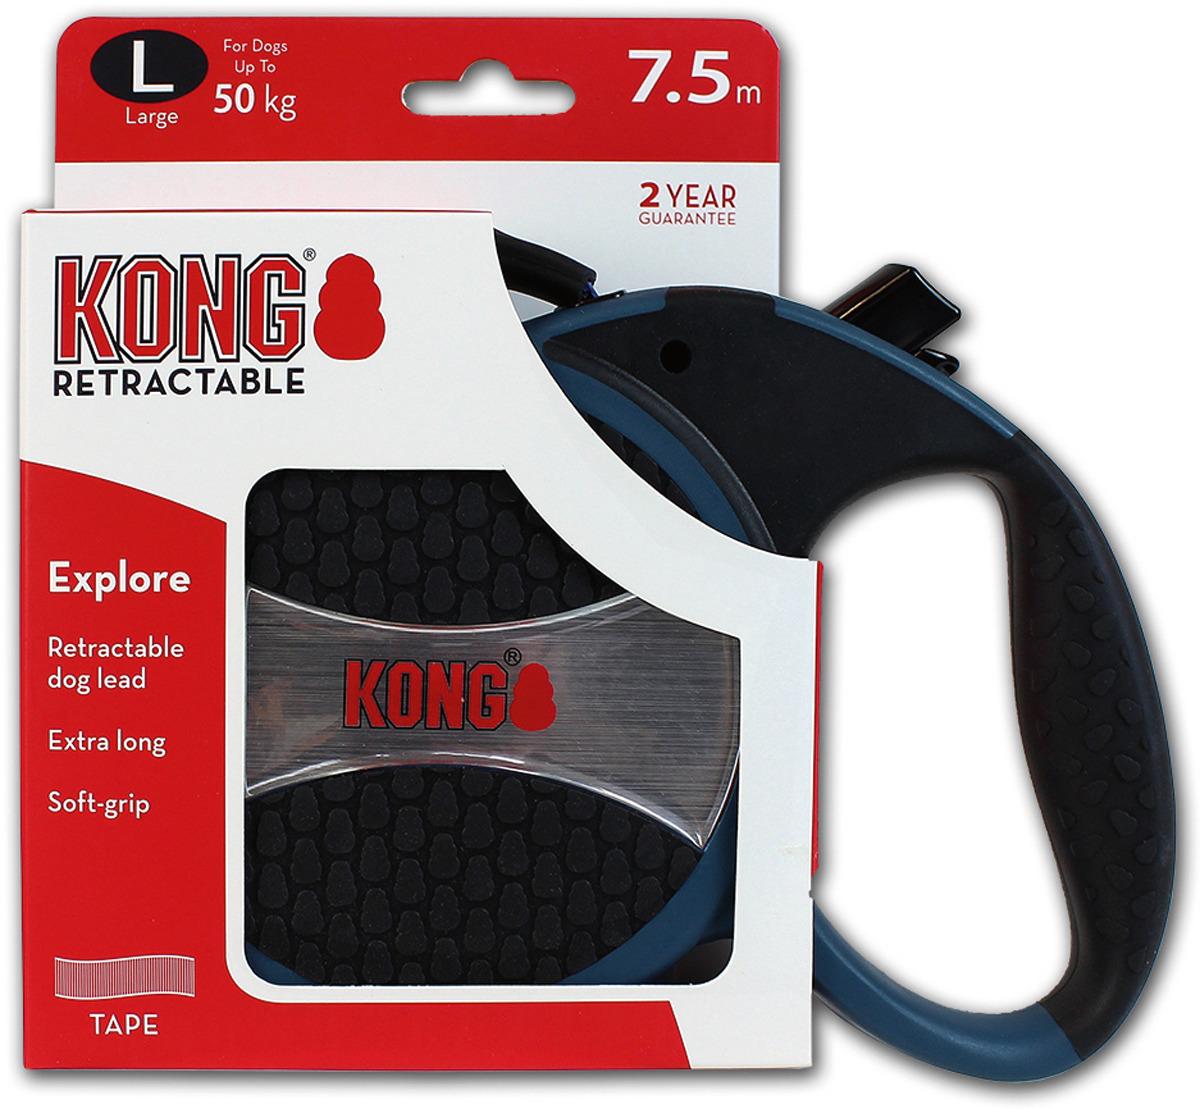 Поводок-рулетка для собак Kong Explore L, цвет: синий, до 50 кг, 7,5 м